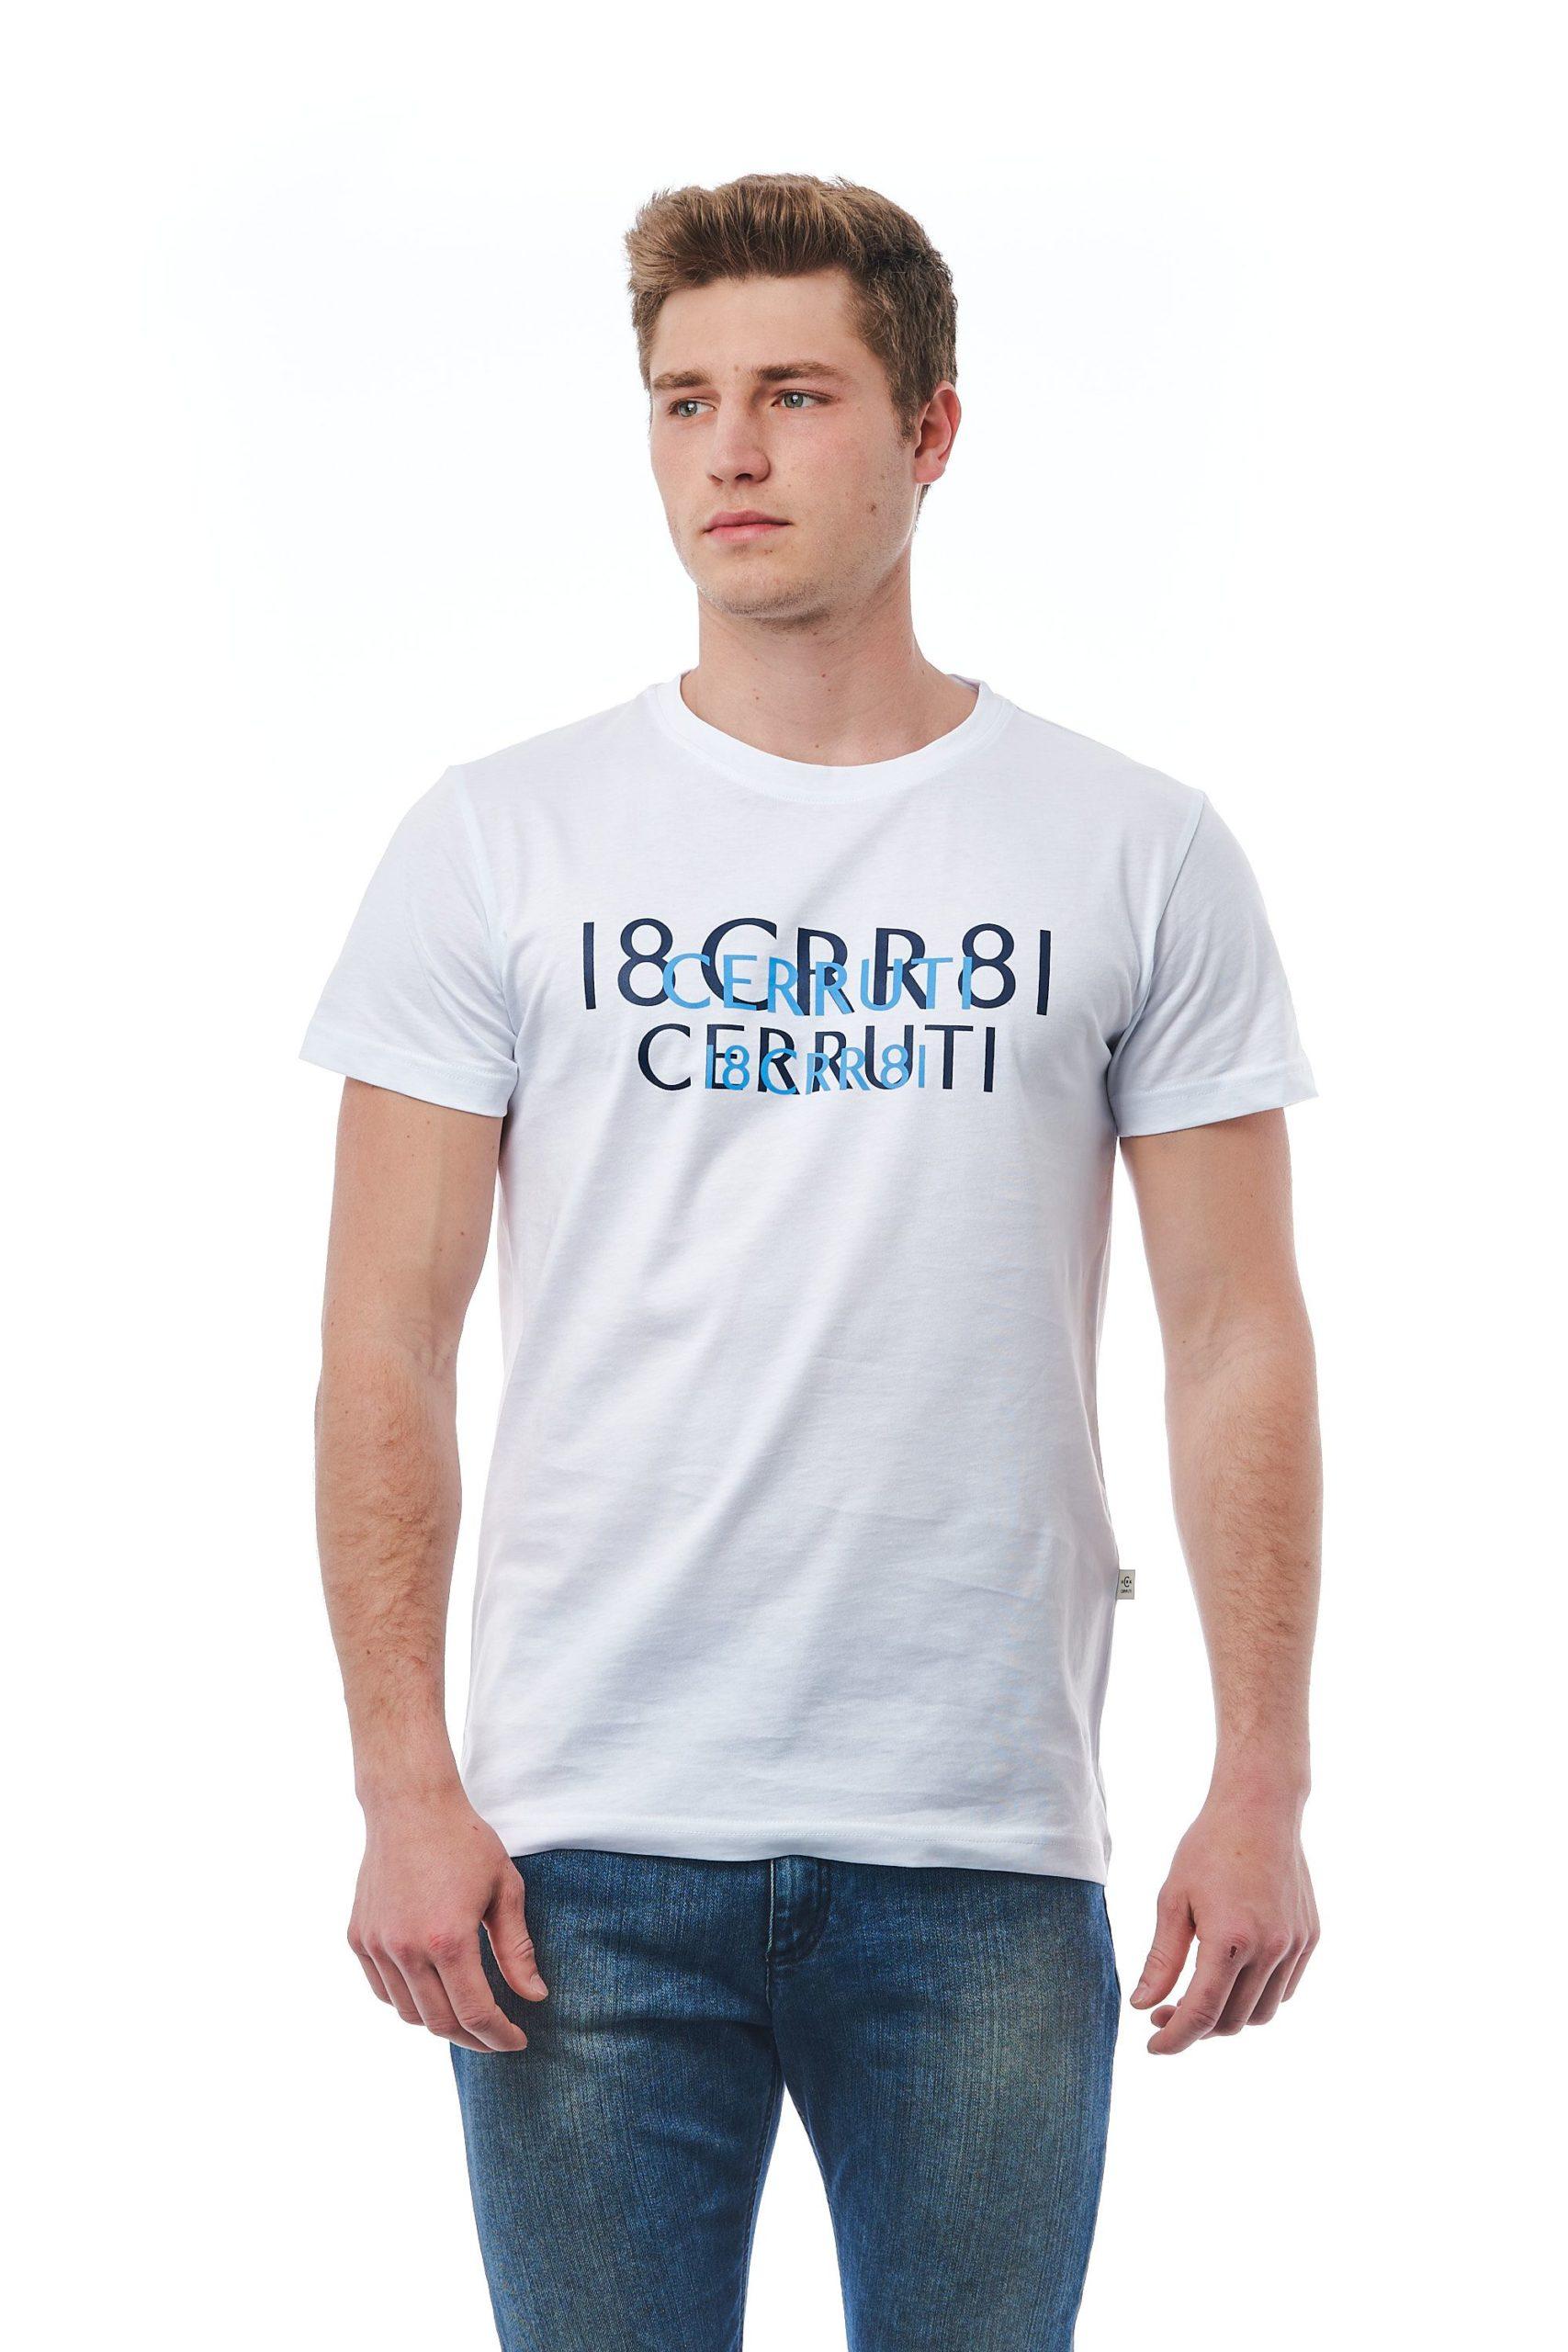 Cerruti 1881 Men's Bianco T-Shirt White CE1409808 - L